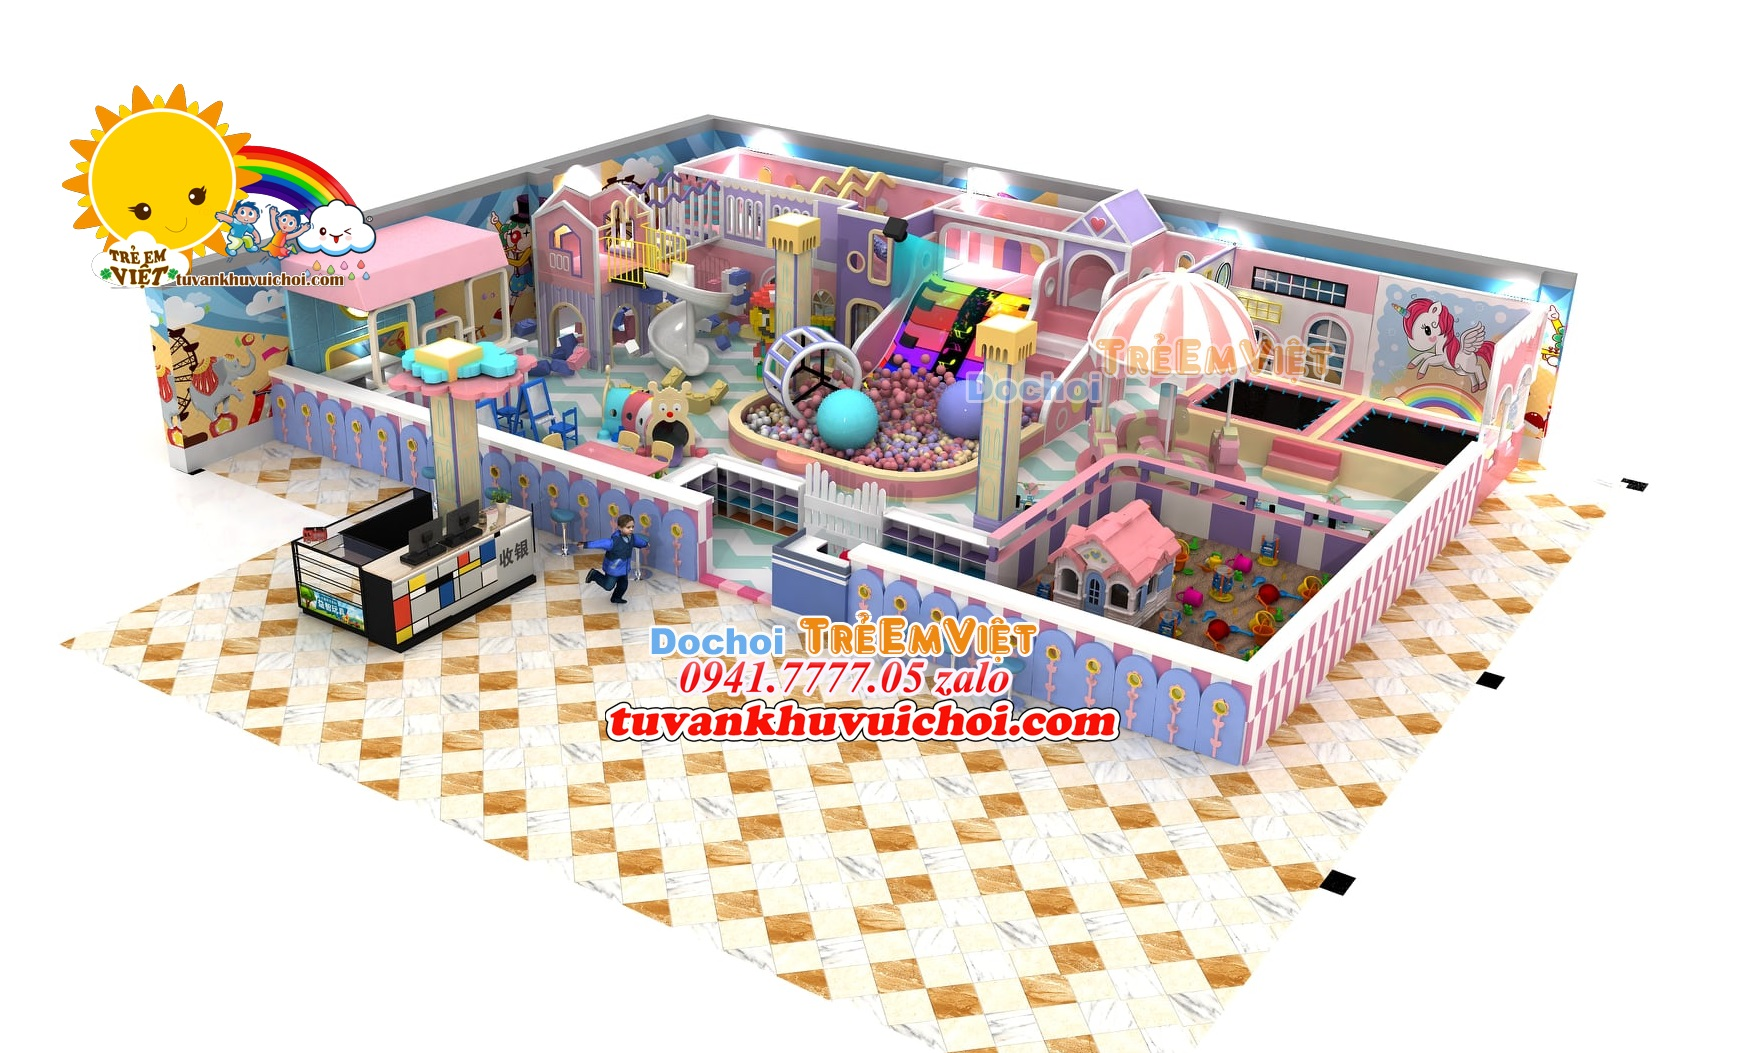 Mô hình nhà bóng liên hoàn 2 tầng kích thước: 9 x 15 x 3 m.